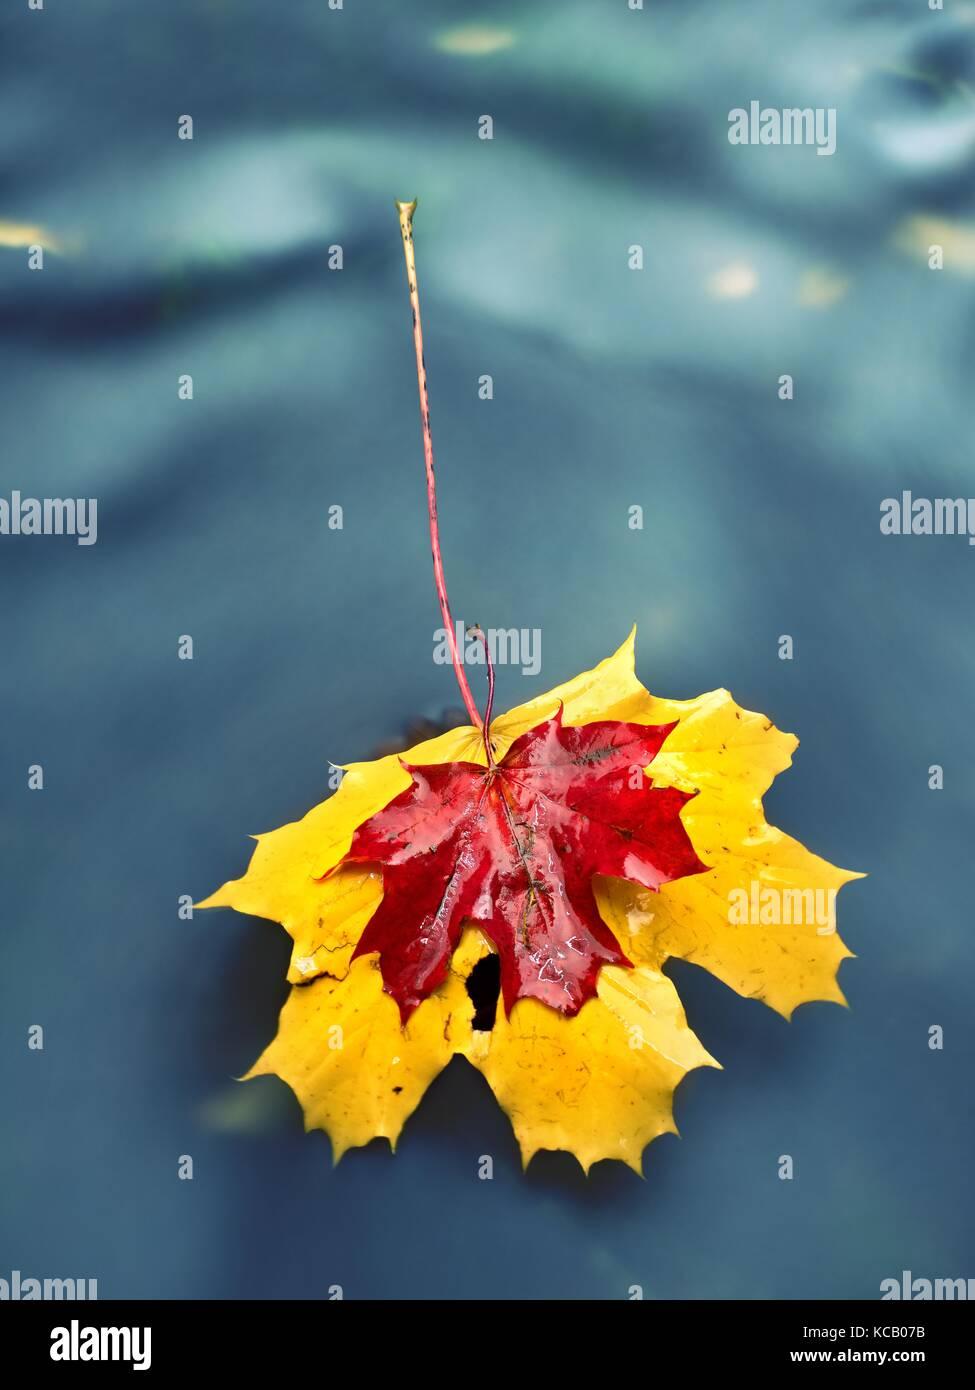 Jaune Orange Rouge automne feuilles d'érable sur l'eau, de feuilles séchées tombées dans l'eau froide Banque D'Images